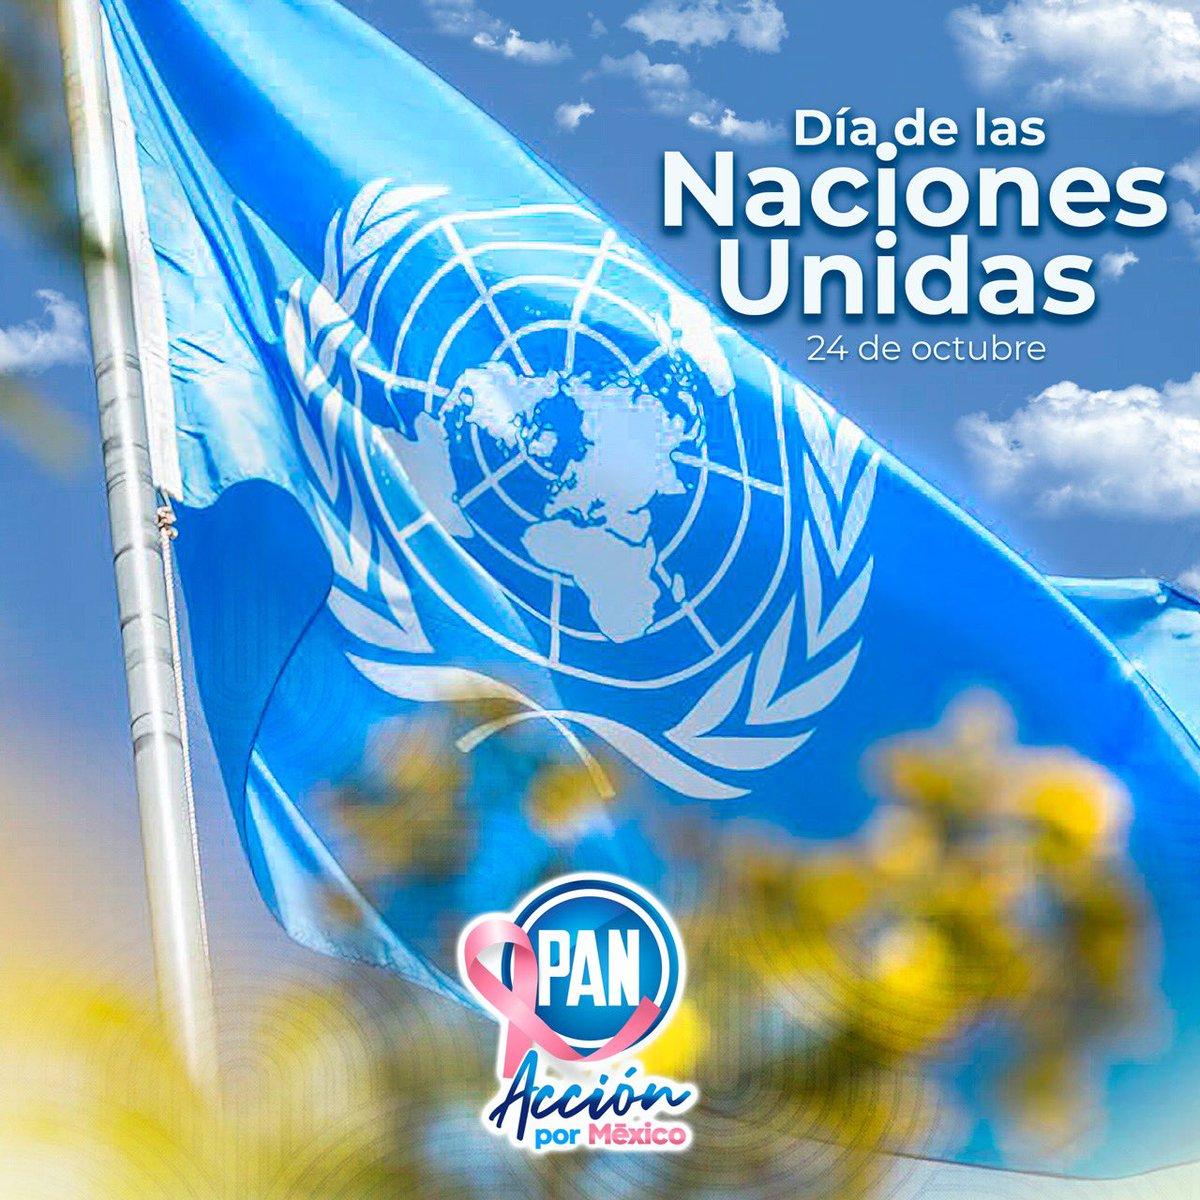 Hoy celebramos el 75 aniversario de la @ONU_es, enfrentando una crisis a nivel mundial lo cual nos hace entender que la cooperación internacional, la solidaridad y la construcción de paz, son más importantes que nunca. #DíaDeLasNacionesUnidas https://t.co/jvCf6HDEQJ